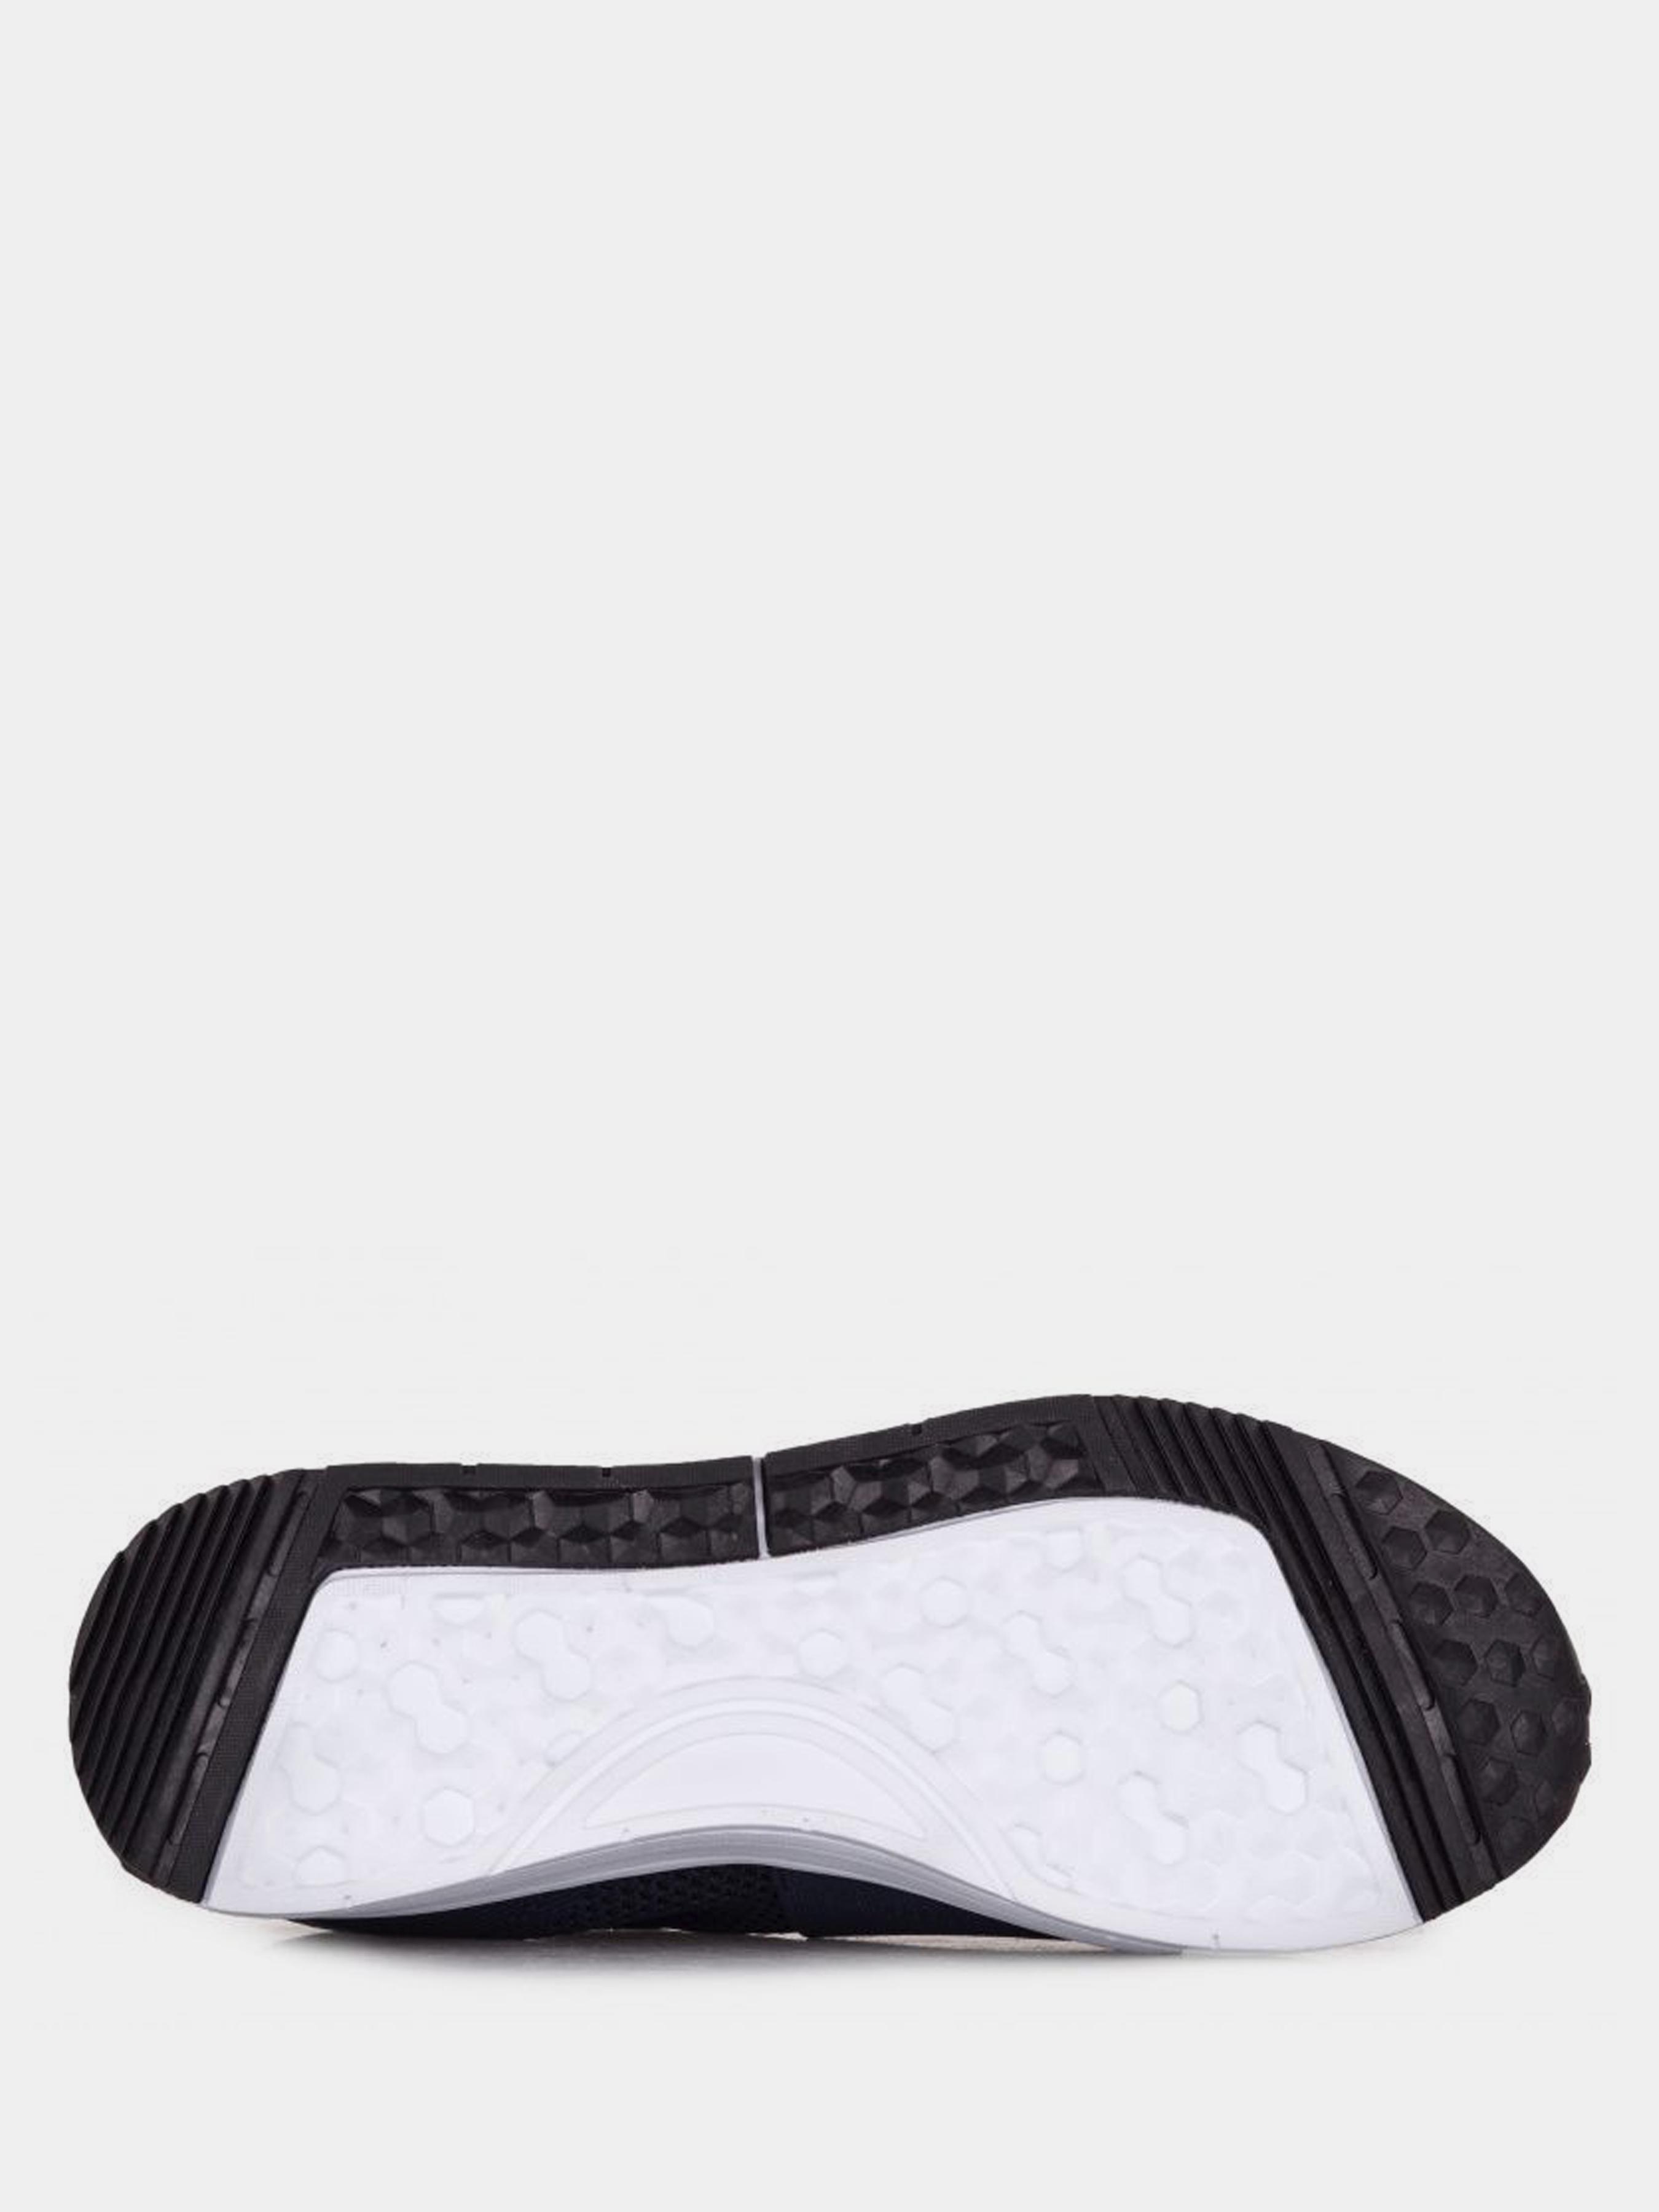 Кроссовки для мужчин MEXX Chento 7M21 , 2017